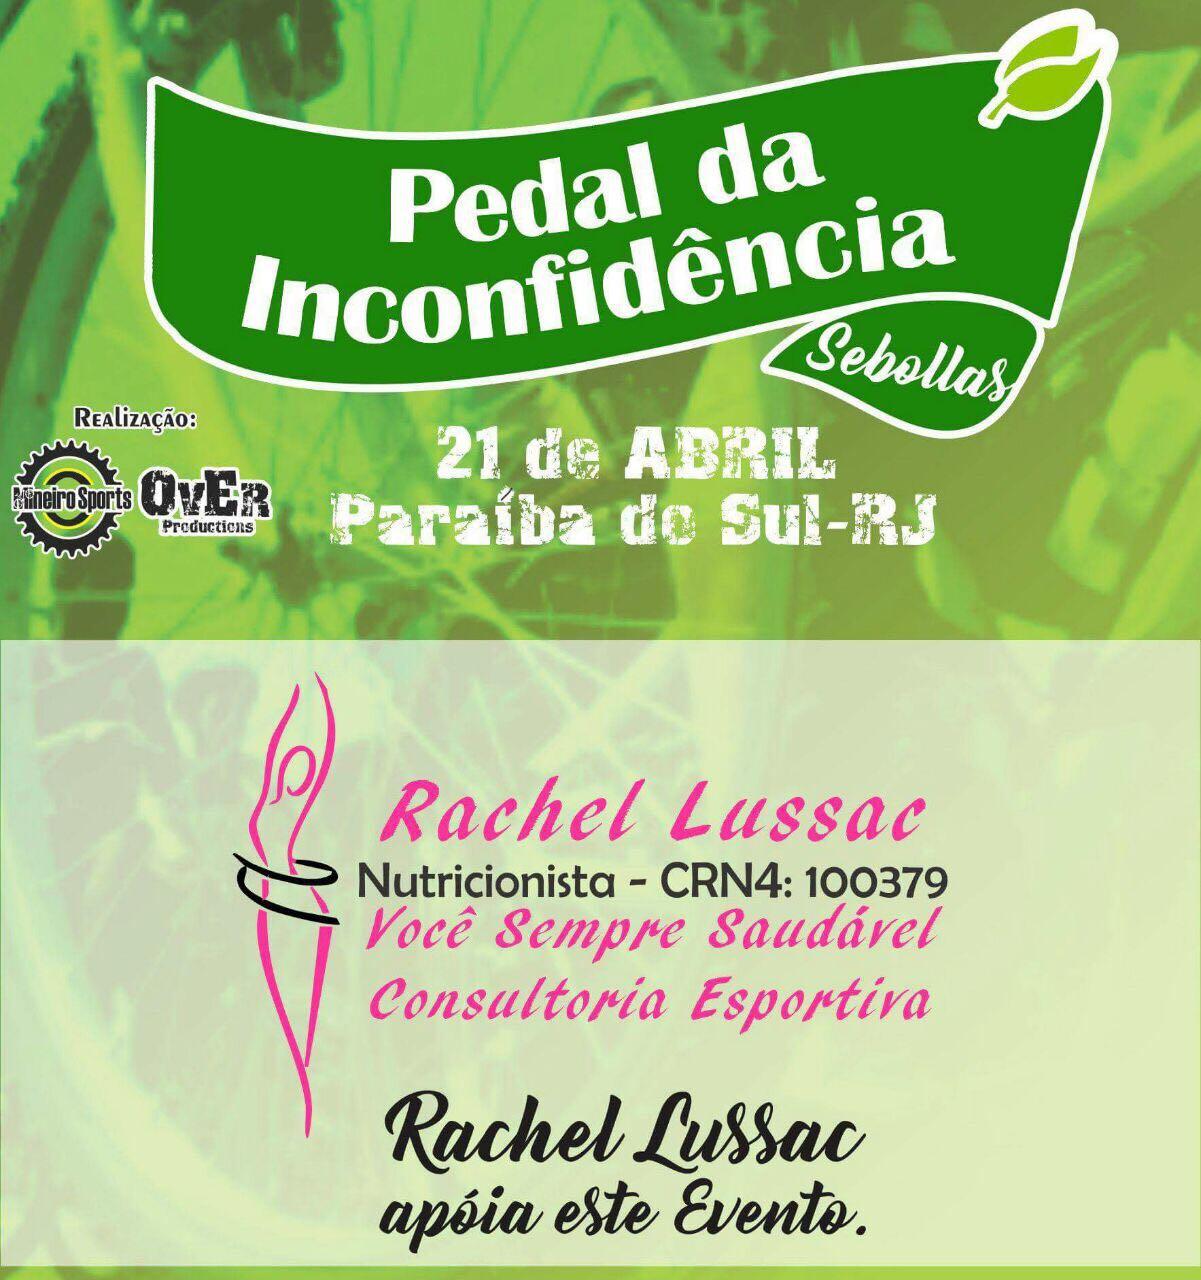 2017.04.21 - Patrocinadora no Evento de Bike - Pedal da Inconfidência - Paraíba do Sul